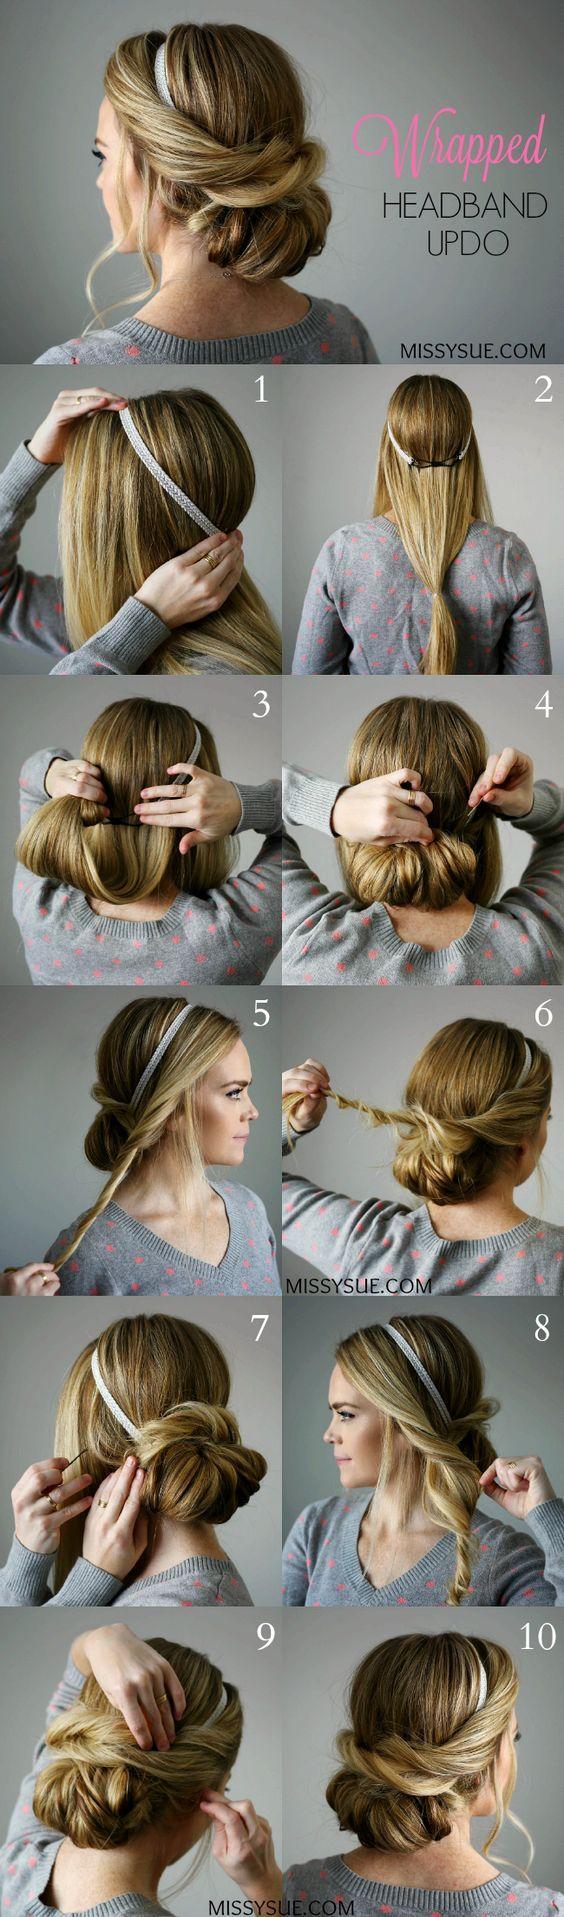 11 Einfache Schritt Fur Schritt Hochsteckfrisur Tutorials Fur Anfanger Frisuren Frisur Hochgesteckt Haarband Frisur